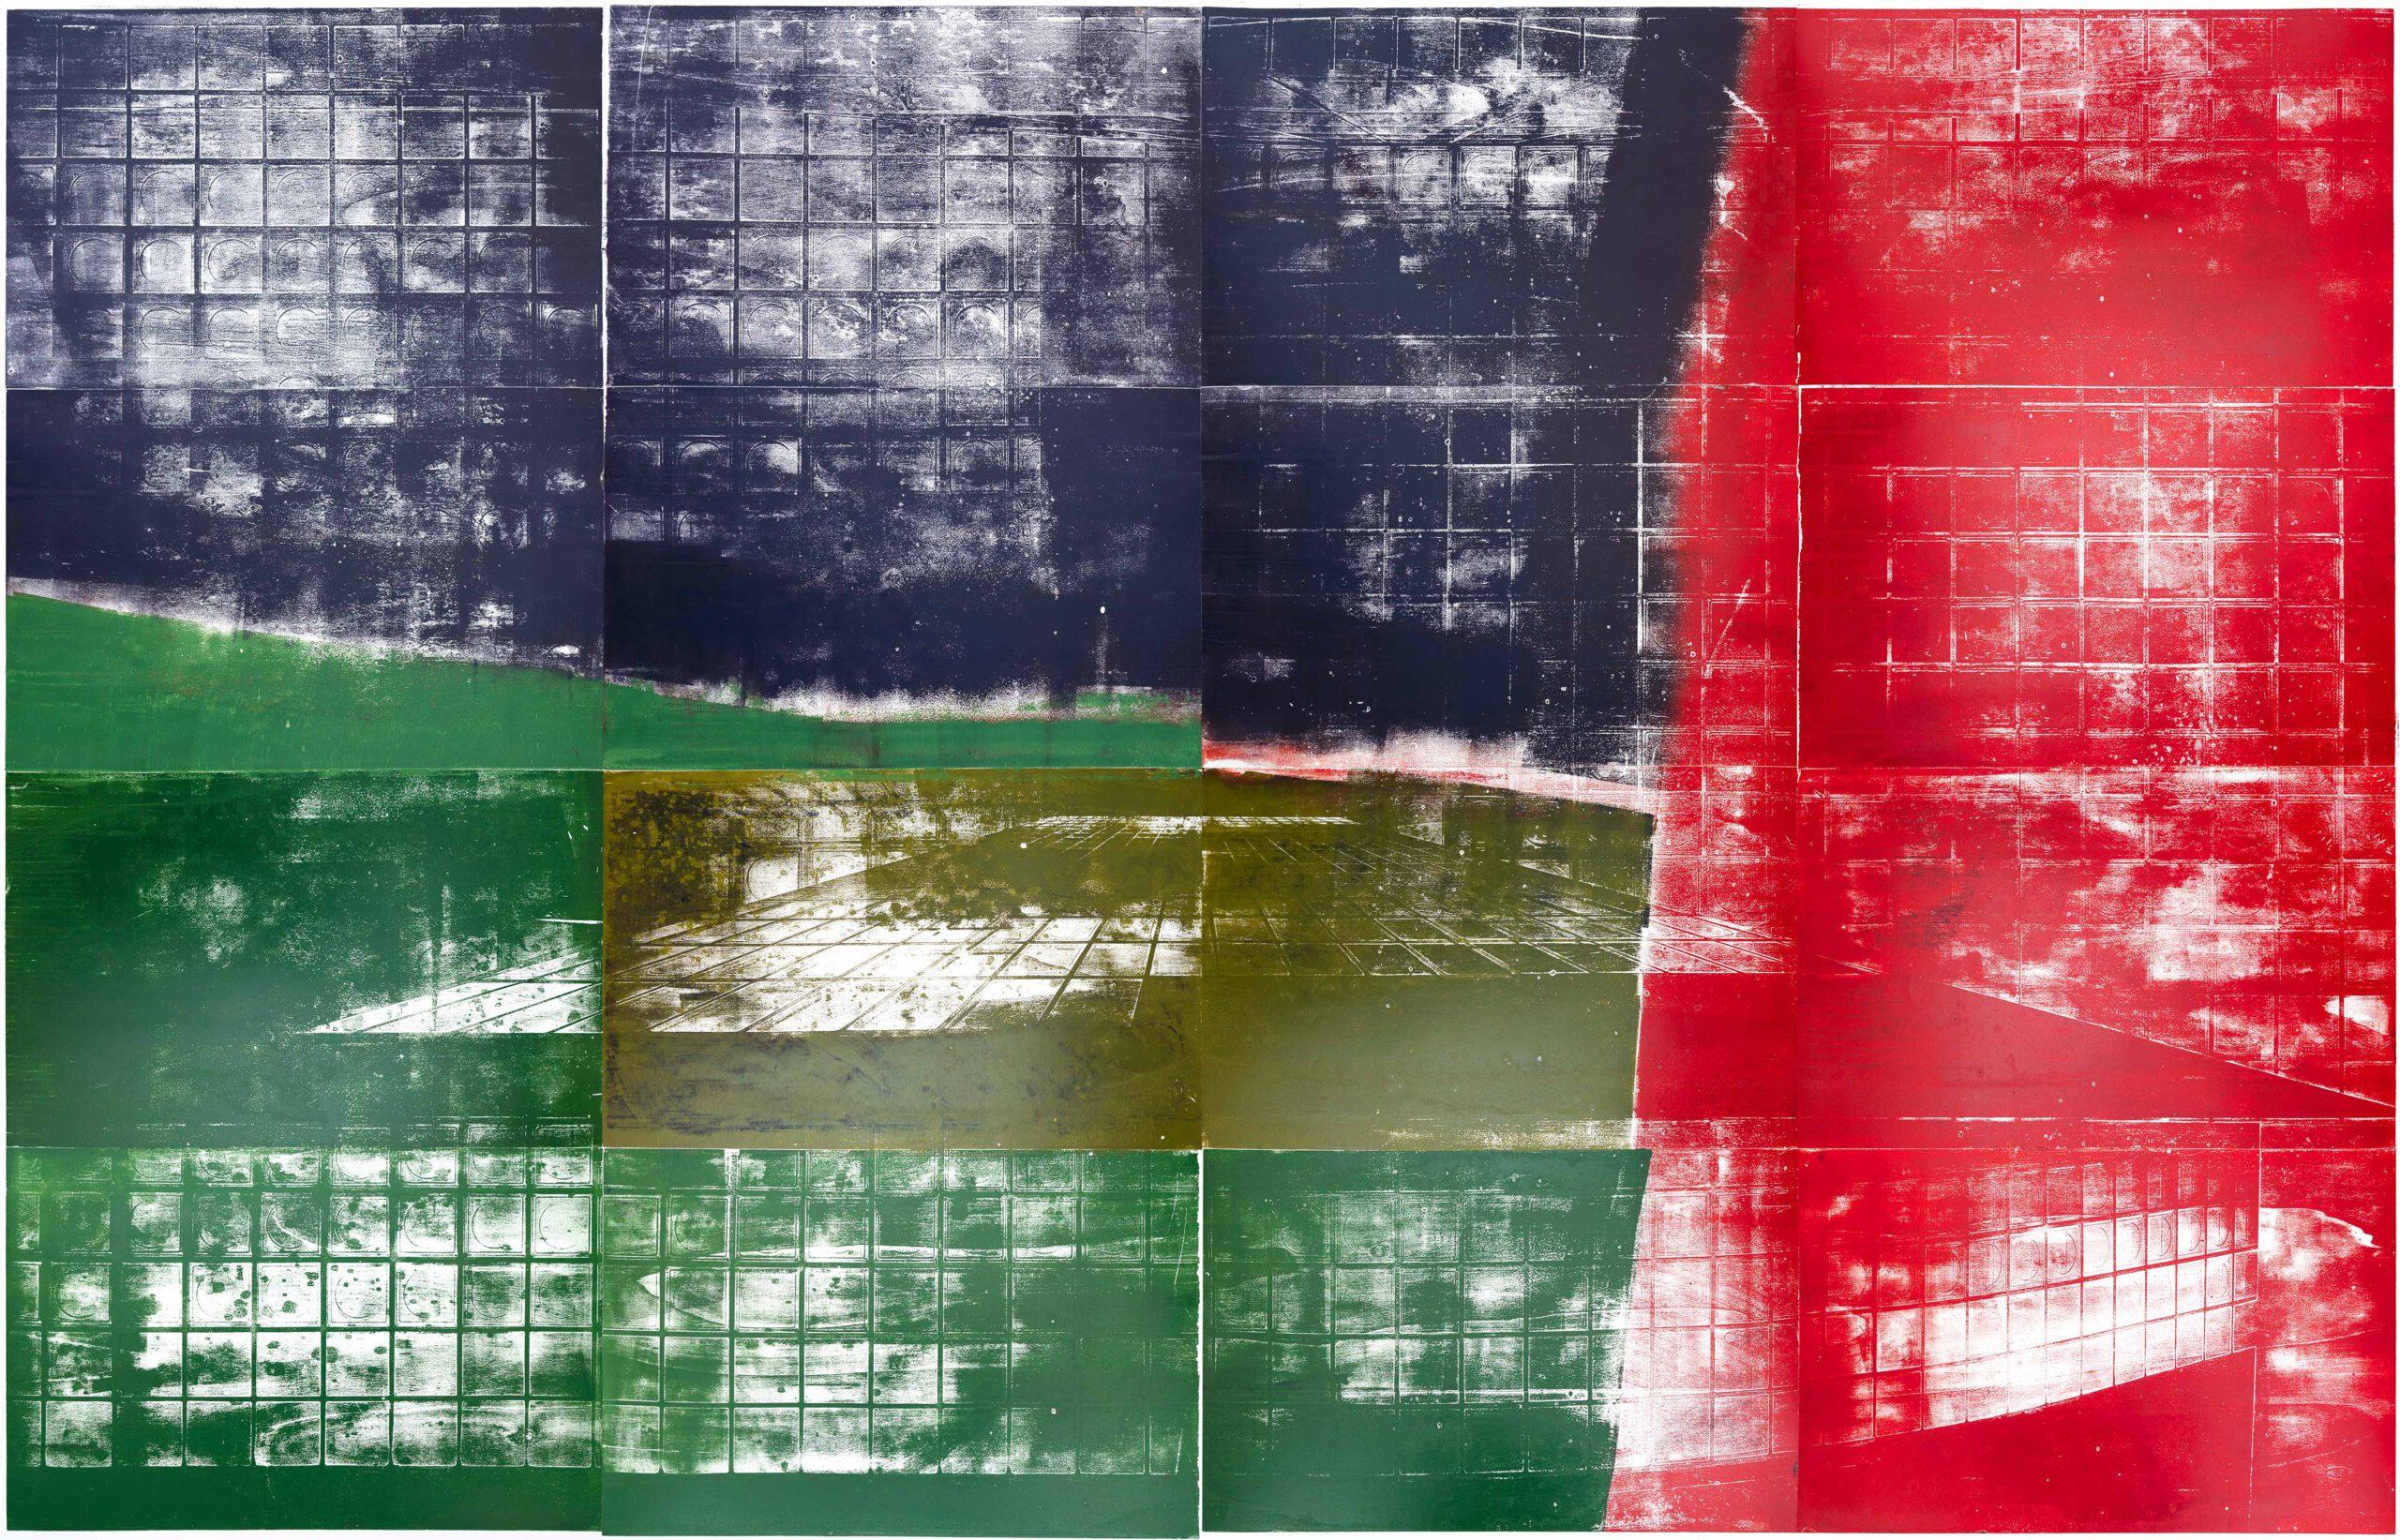 Farbkreis 5 Institut Mathildenhöhe Städtische Kunstsammlung Darmstadt Kunstwerk